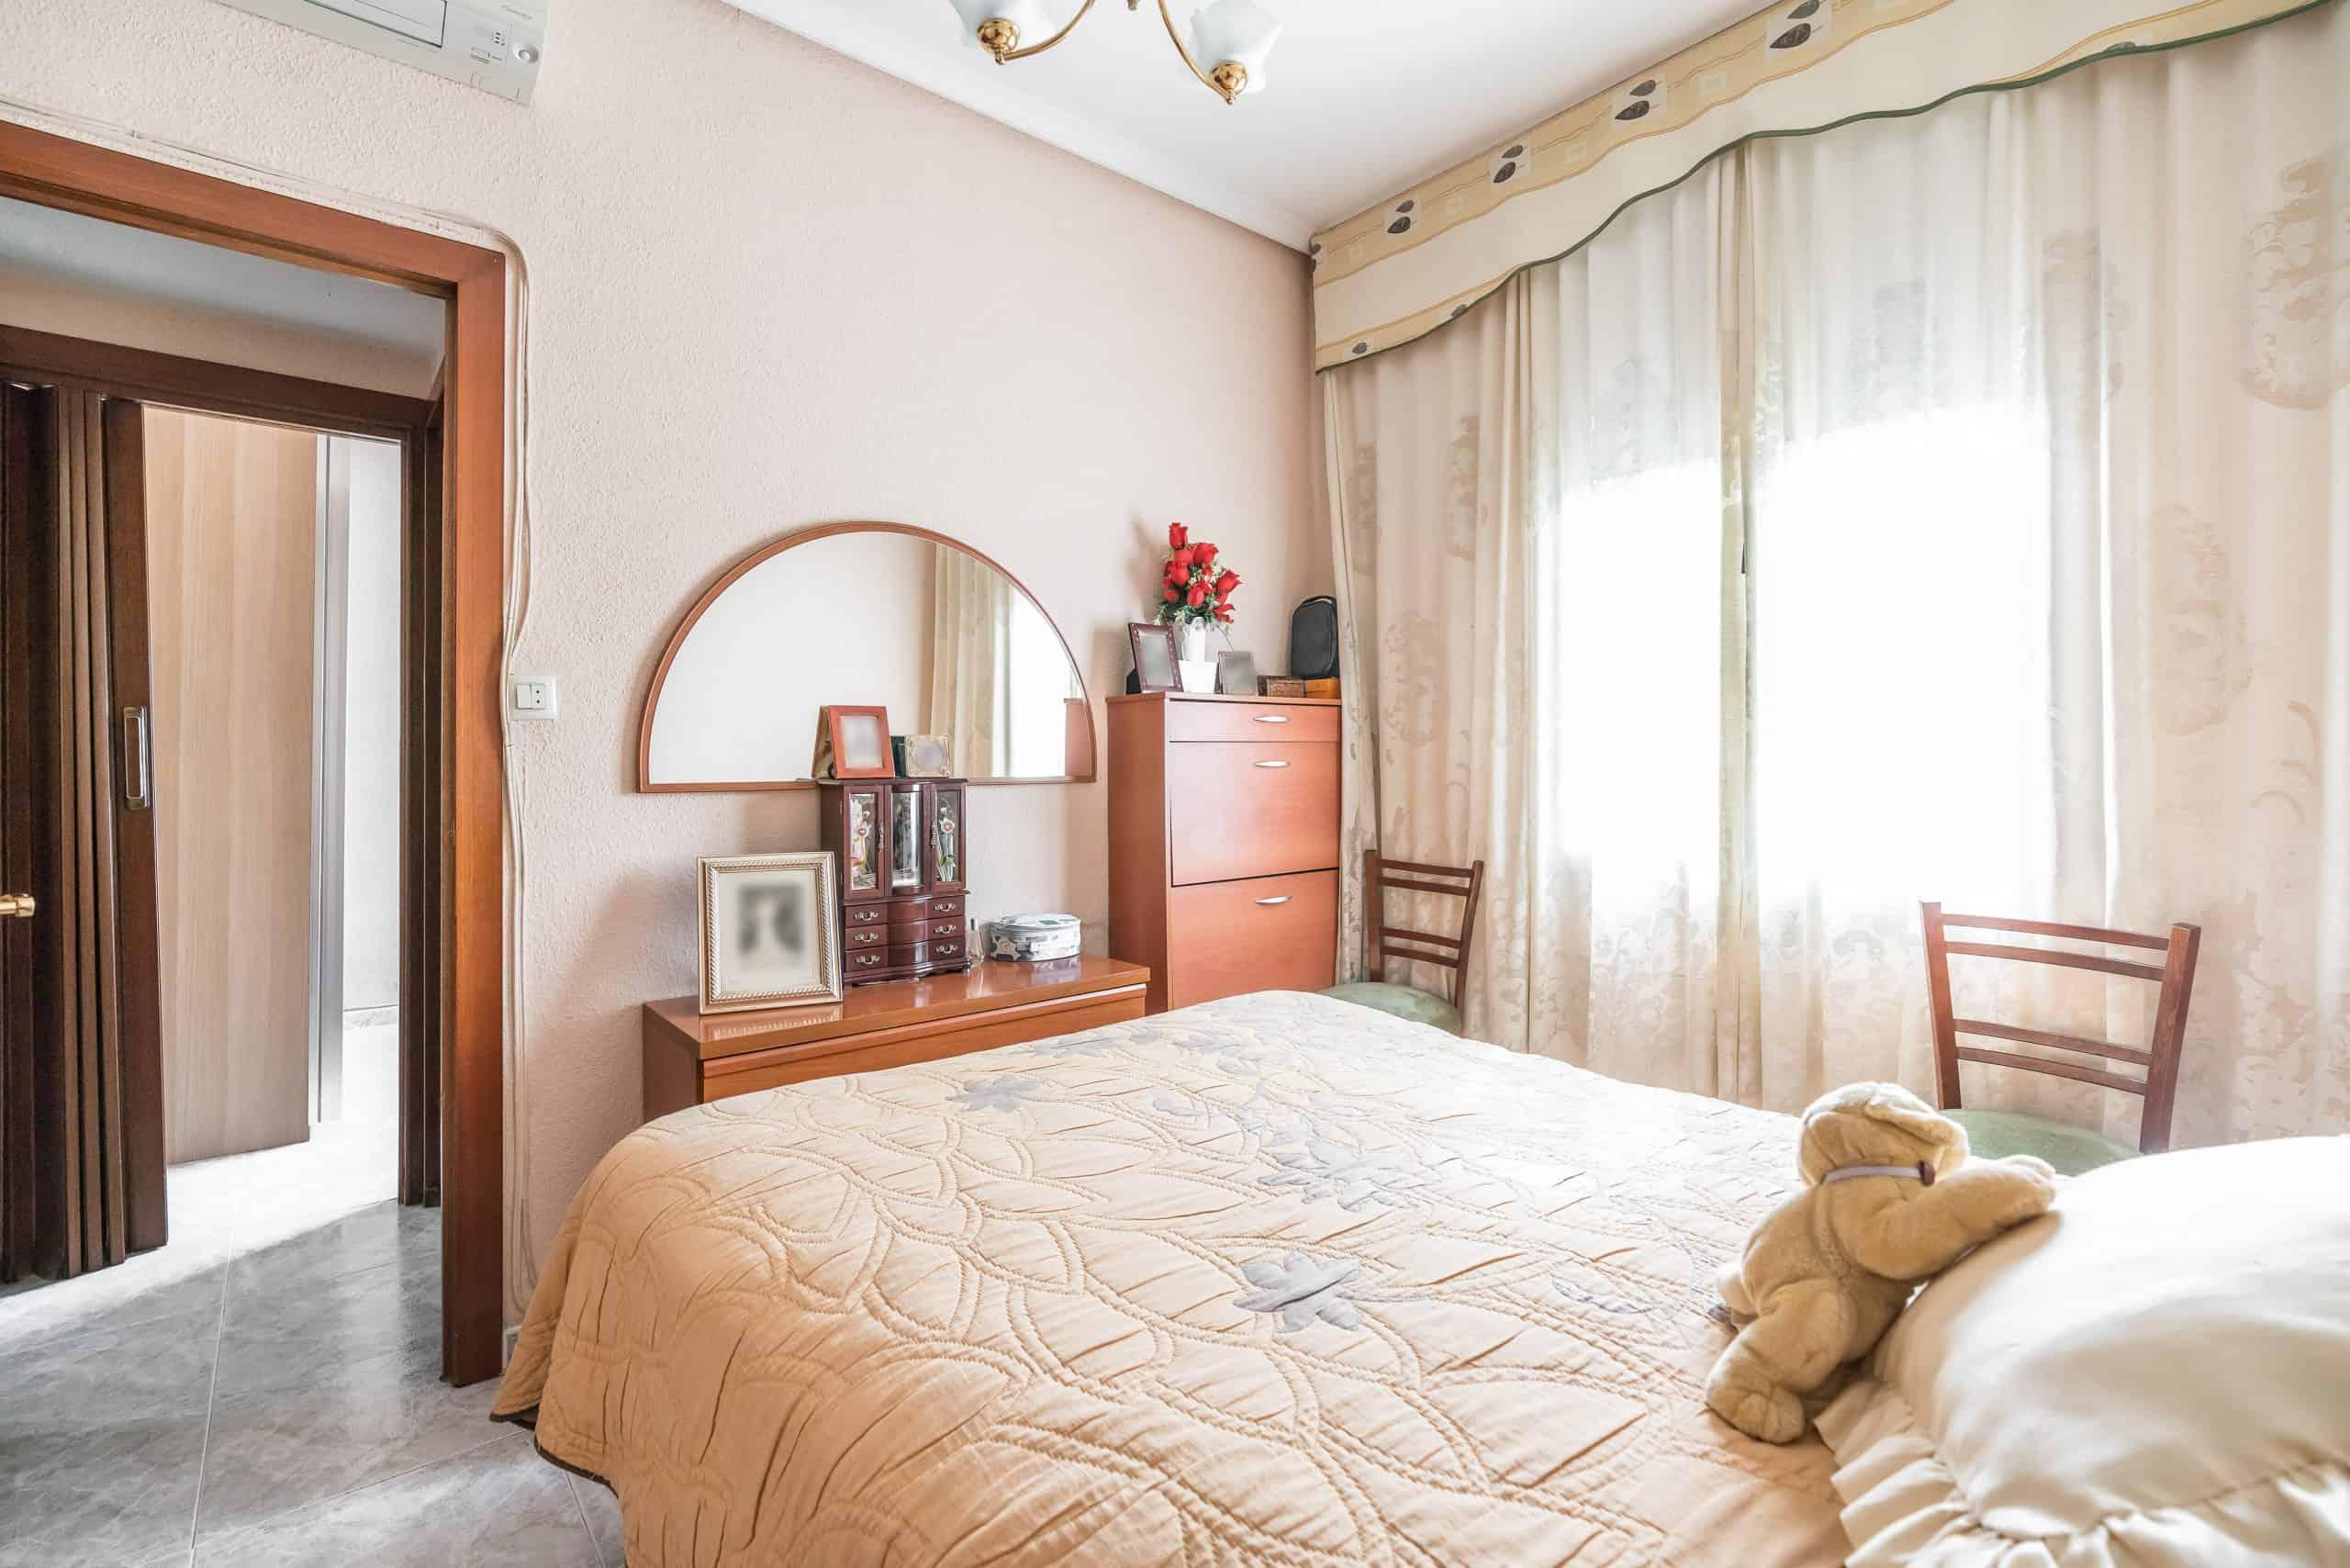 Agencia Inmobiliaria de Madrid-FUTUROCASA-Zona ARGANZUELA-EMBAJADORES-LEGAZPI2 DORMITORIO1 (4)